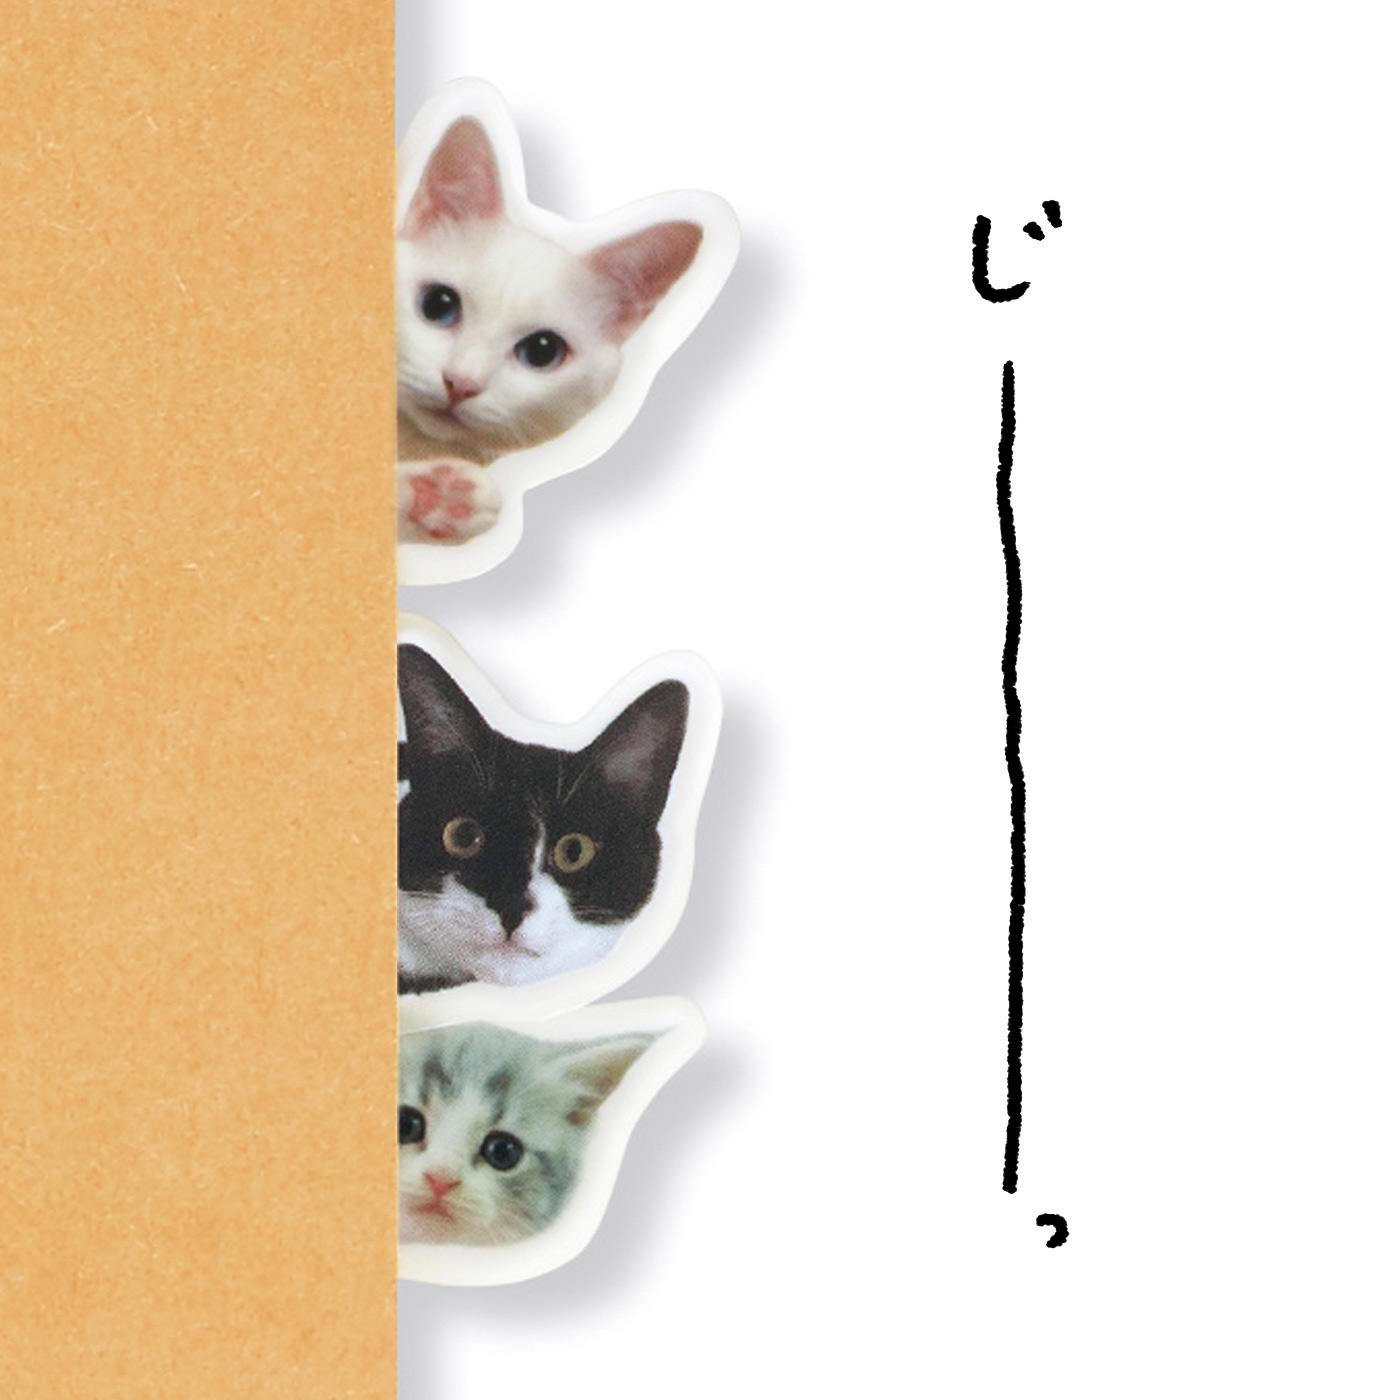 のぞき猫 視線の主はココ! こっちを見てる。子猫も登場♪